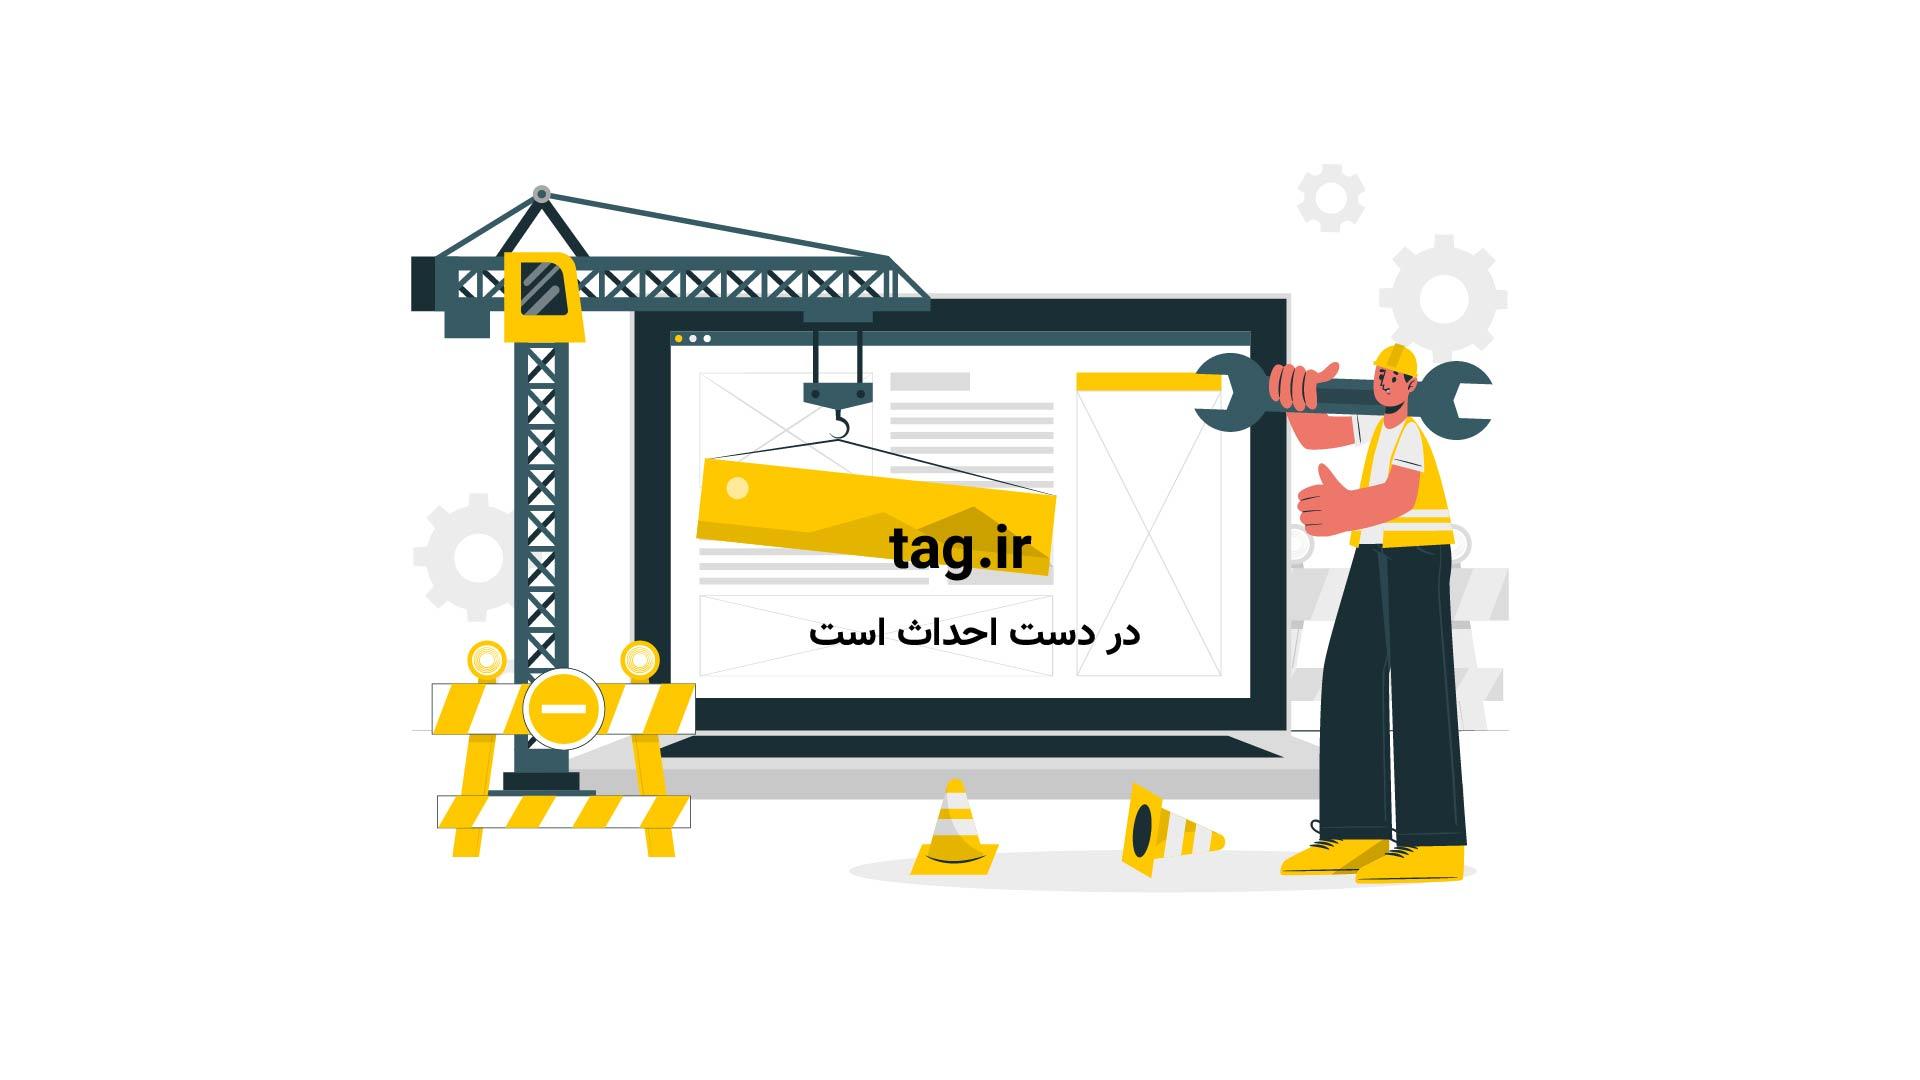 جزیره زیبای اسکای در اسکاتلند | فیلم